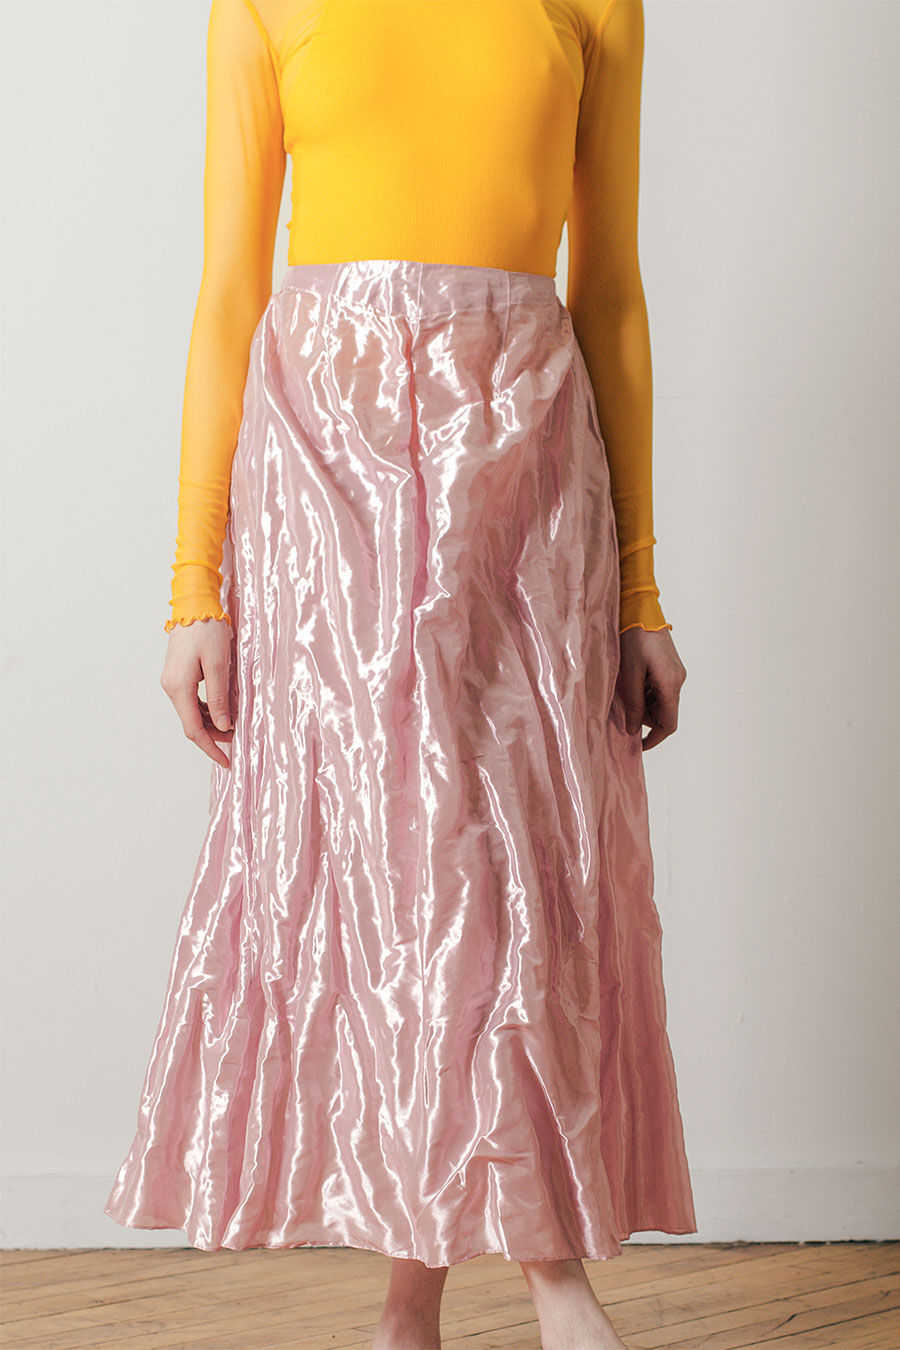 Crushed Dirndl Skirt